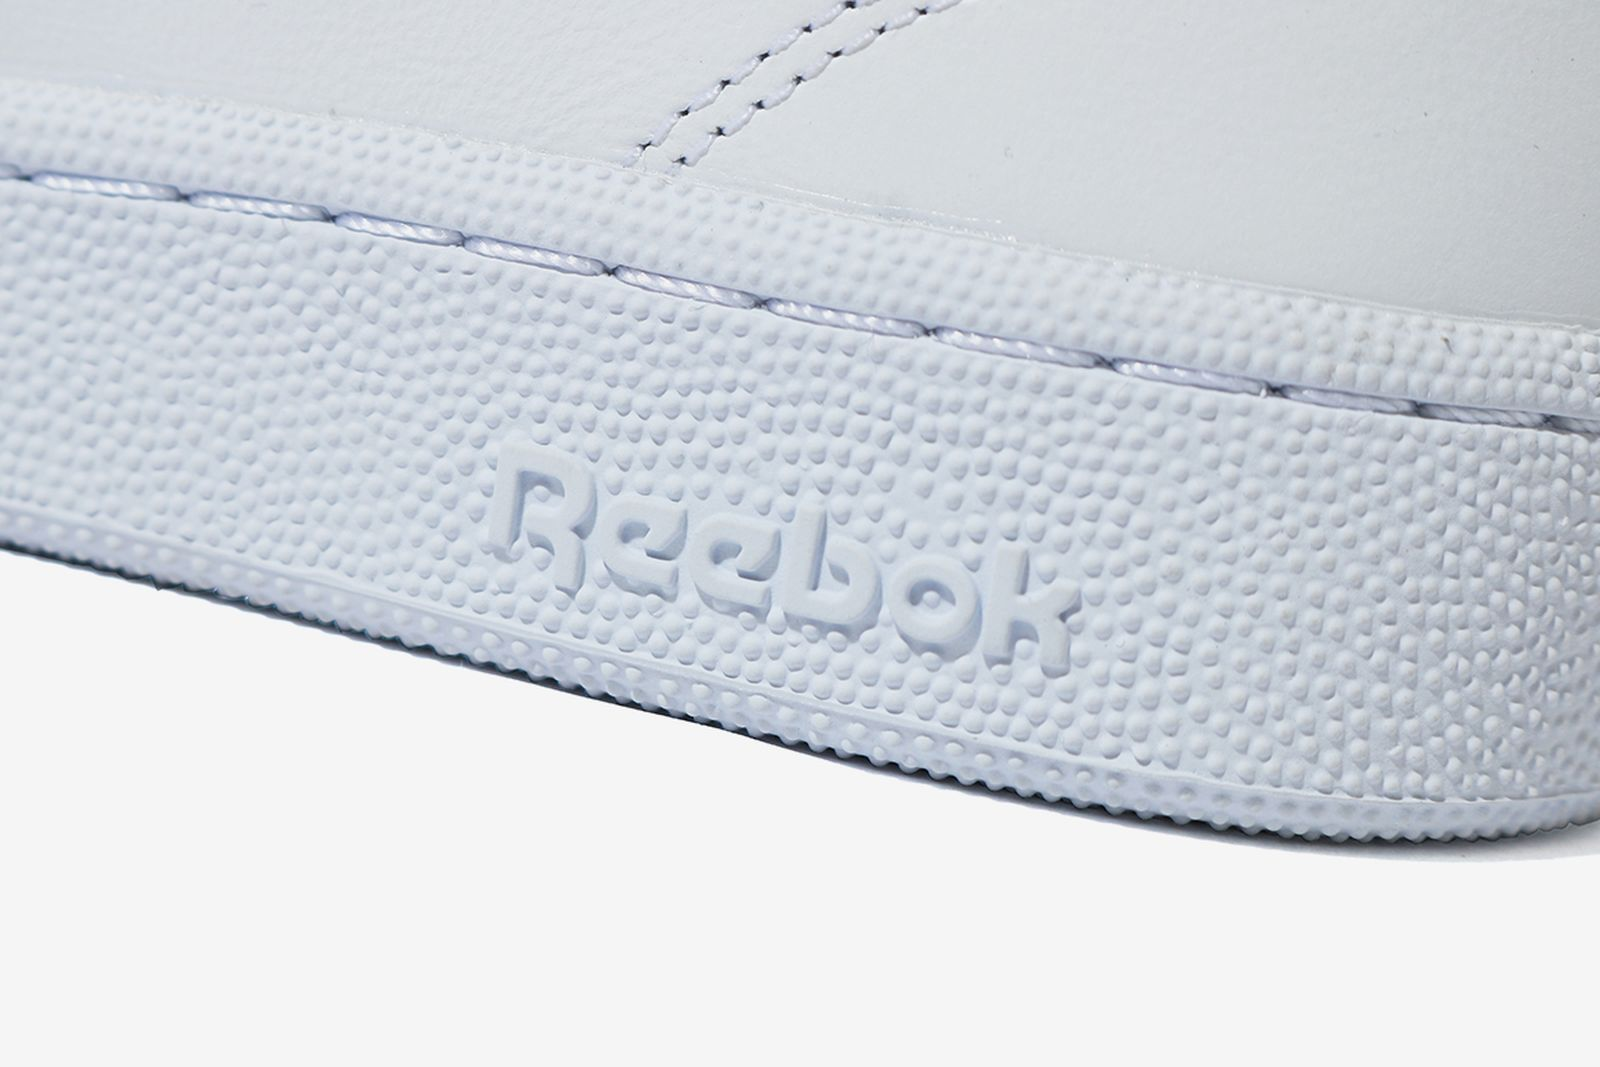 bape-reebok-club-c-release-date-price-1-09